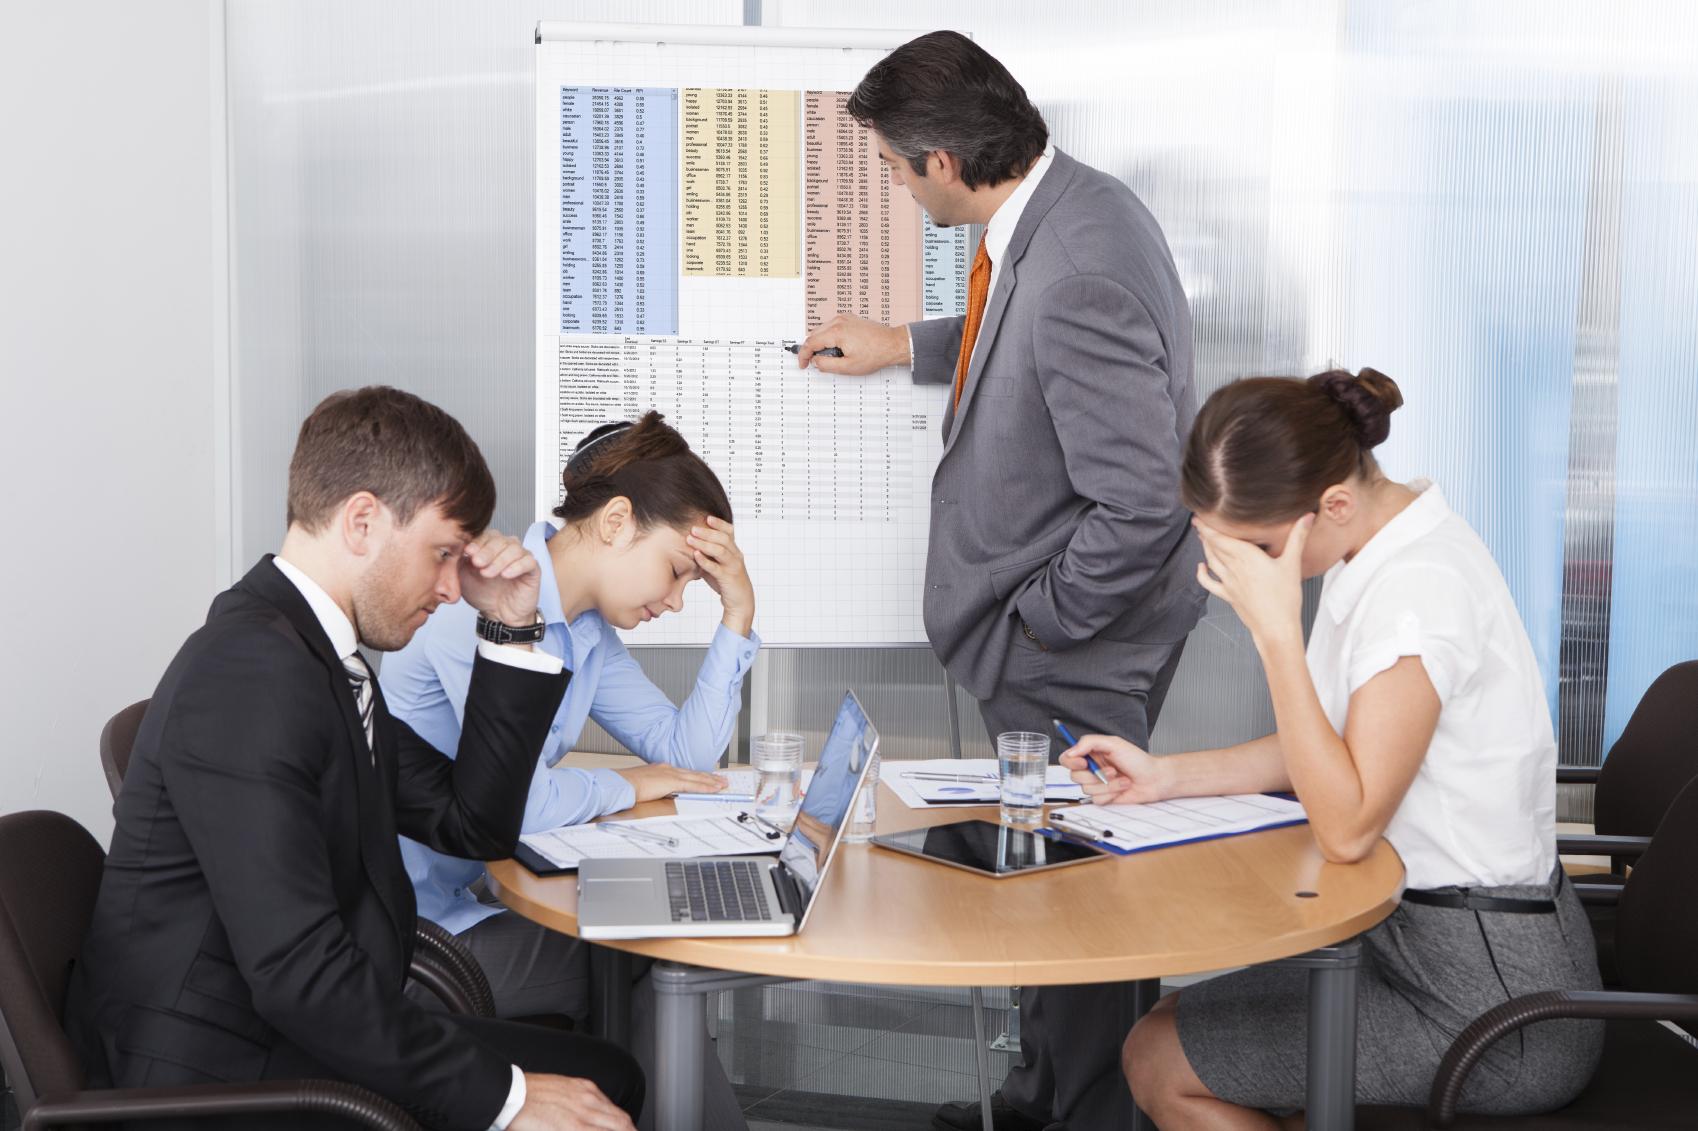 Cum știi dacă suferi de sindromul burnout (epuizare profesională)?